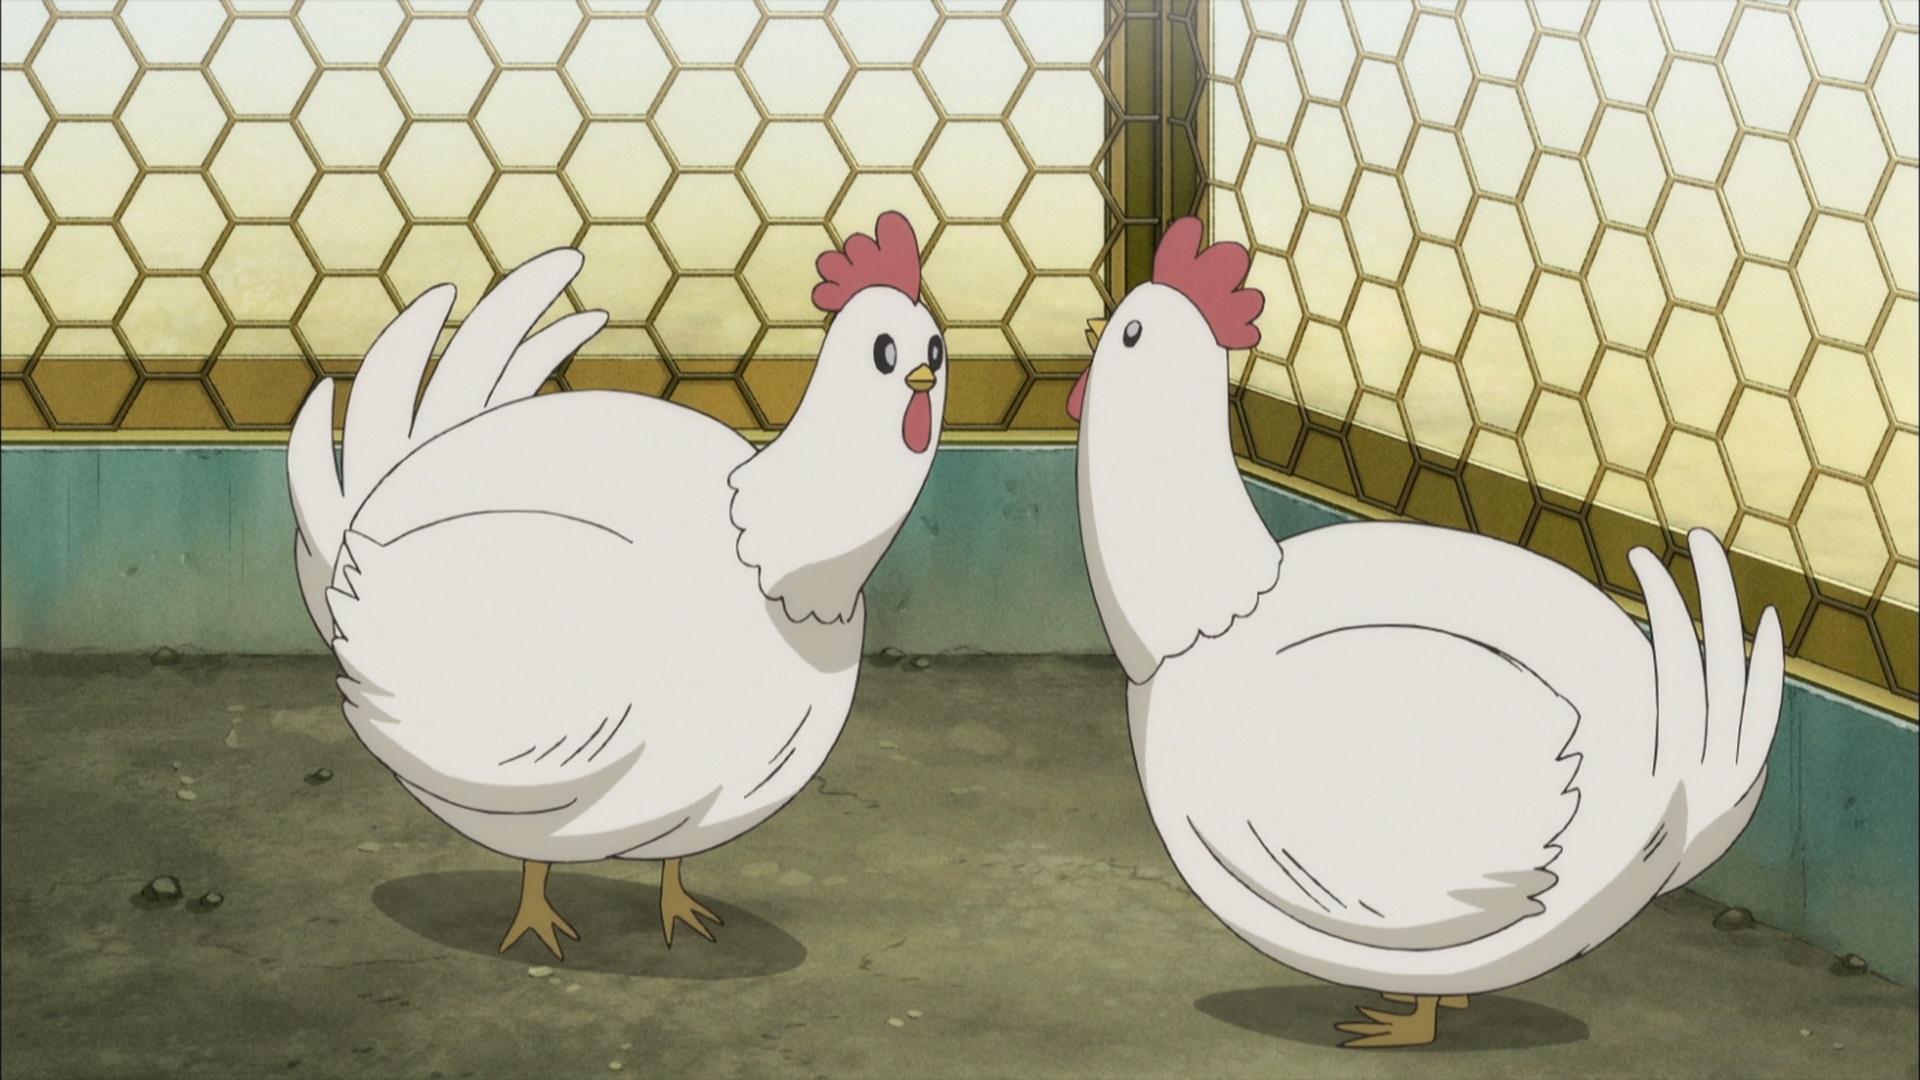 Un par de gallos se ponen filosóficos en una escena del anime de televisión Hitoribocchi no Marumaruseikatsu.